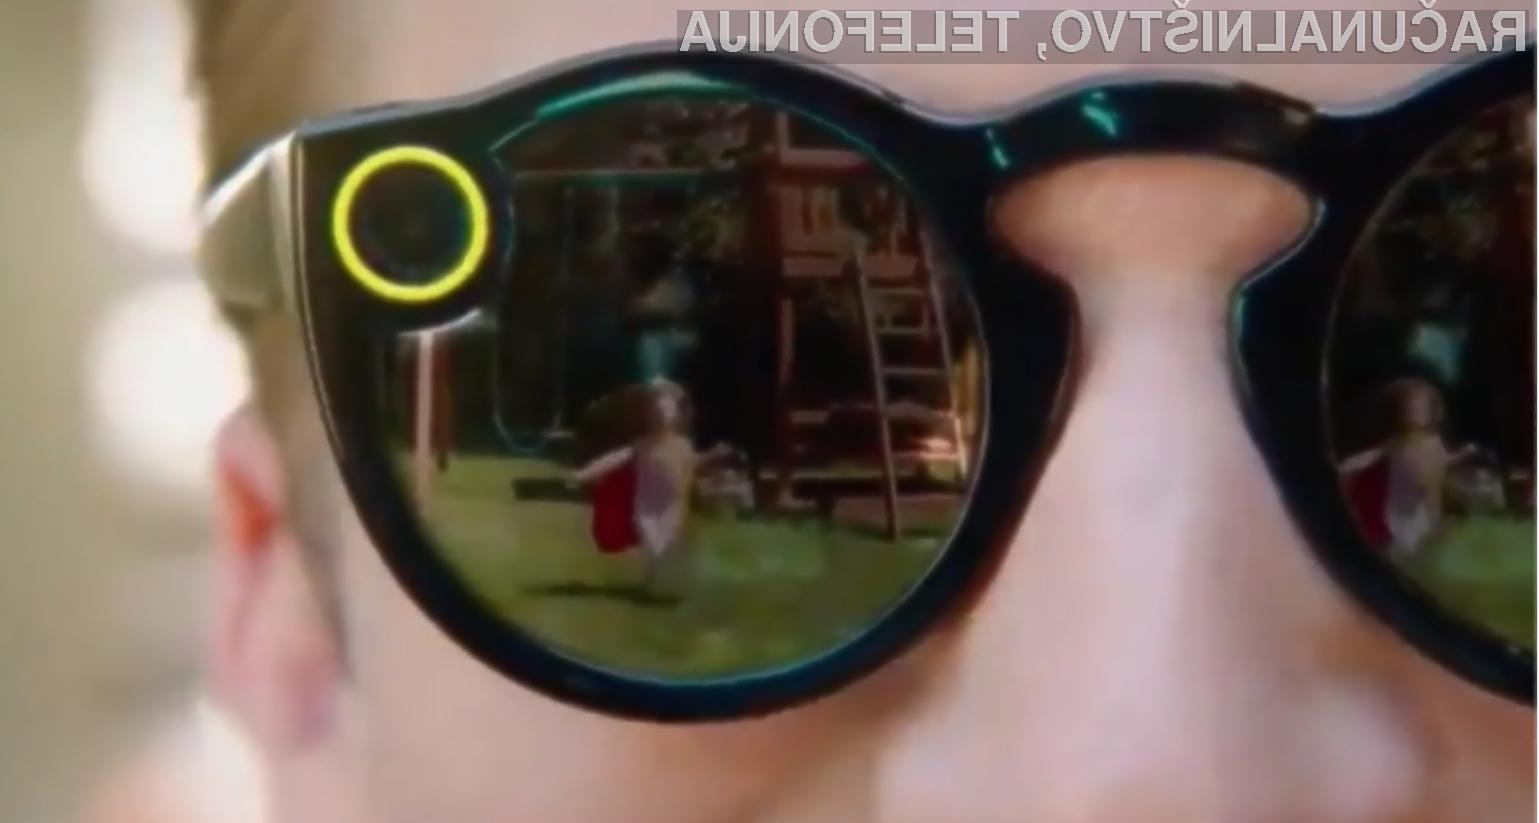 Neverjetna fotografska očala Snapchat že za 115 evrov?